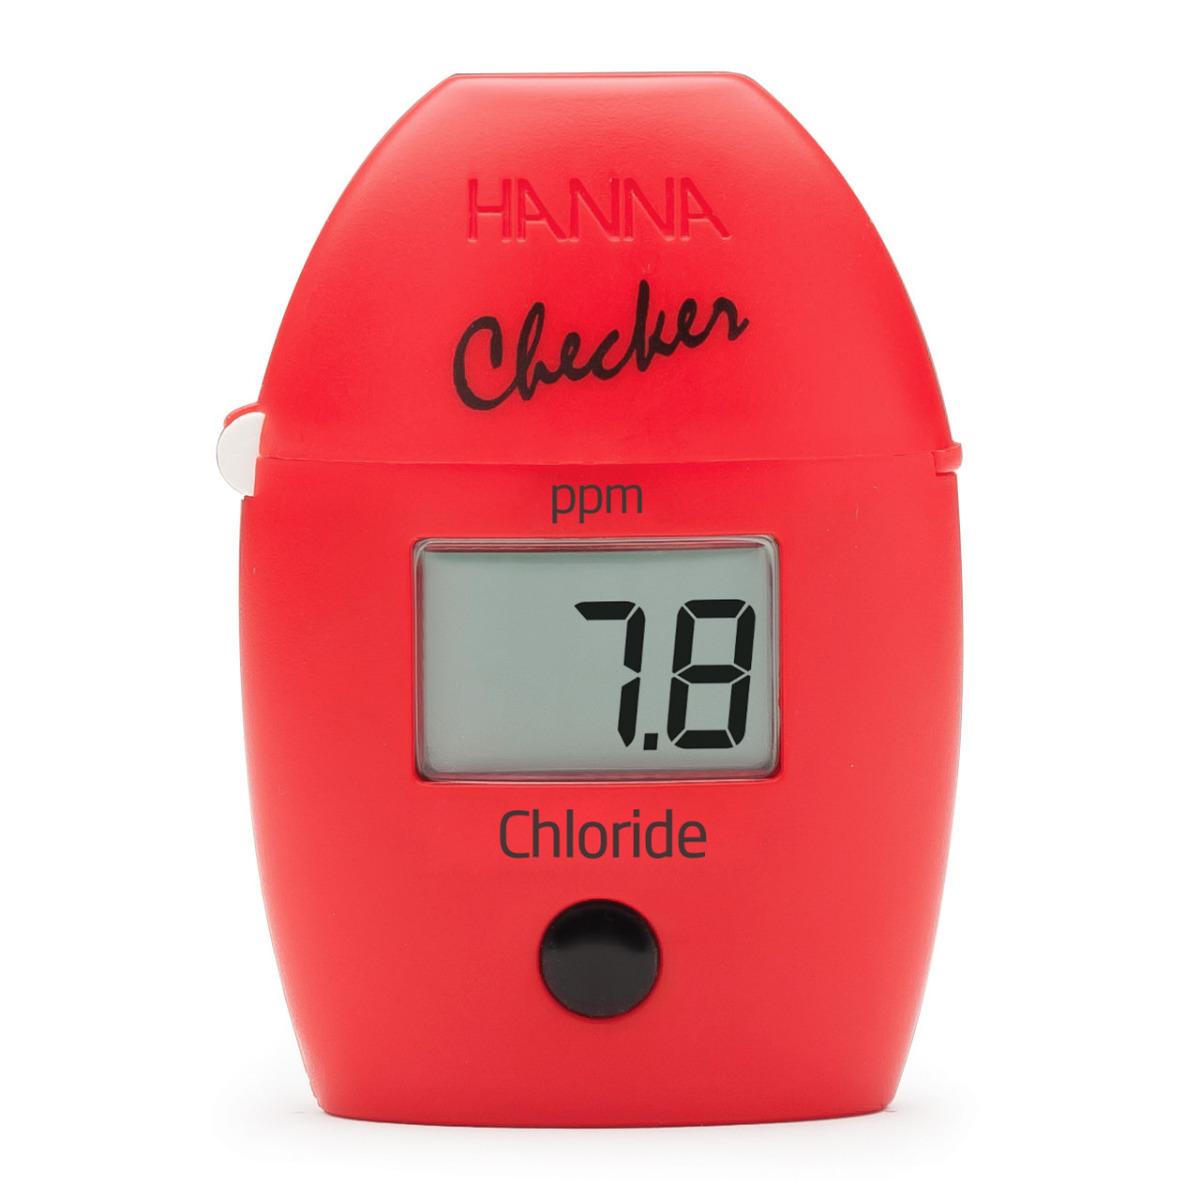 Checker® HC para Cloruro - HI753